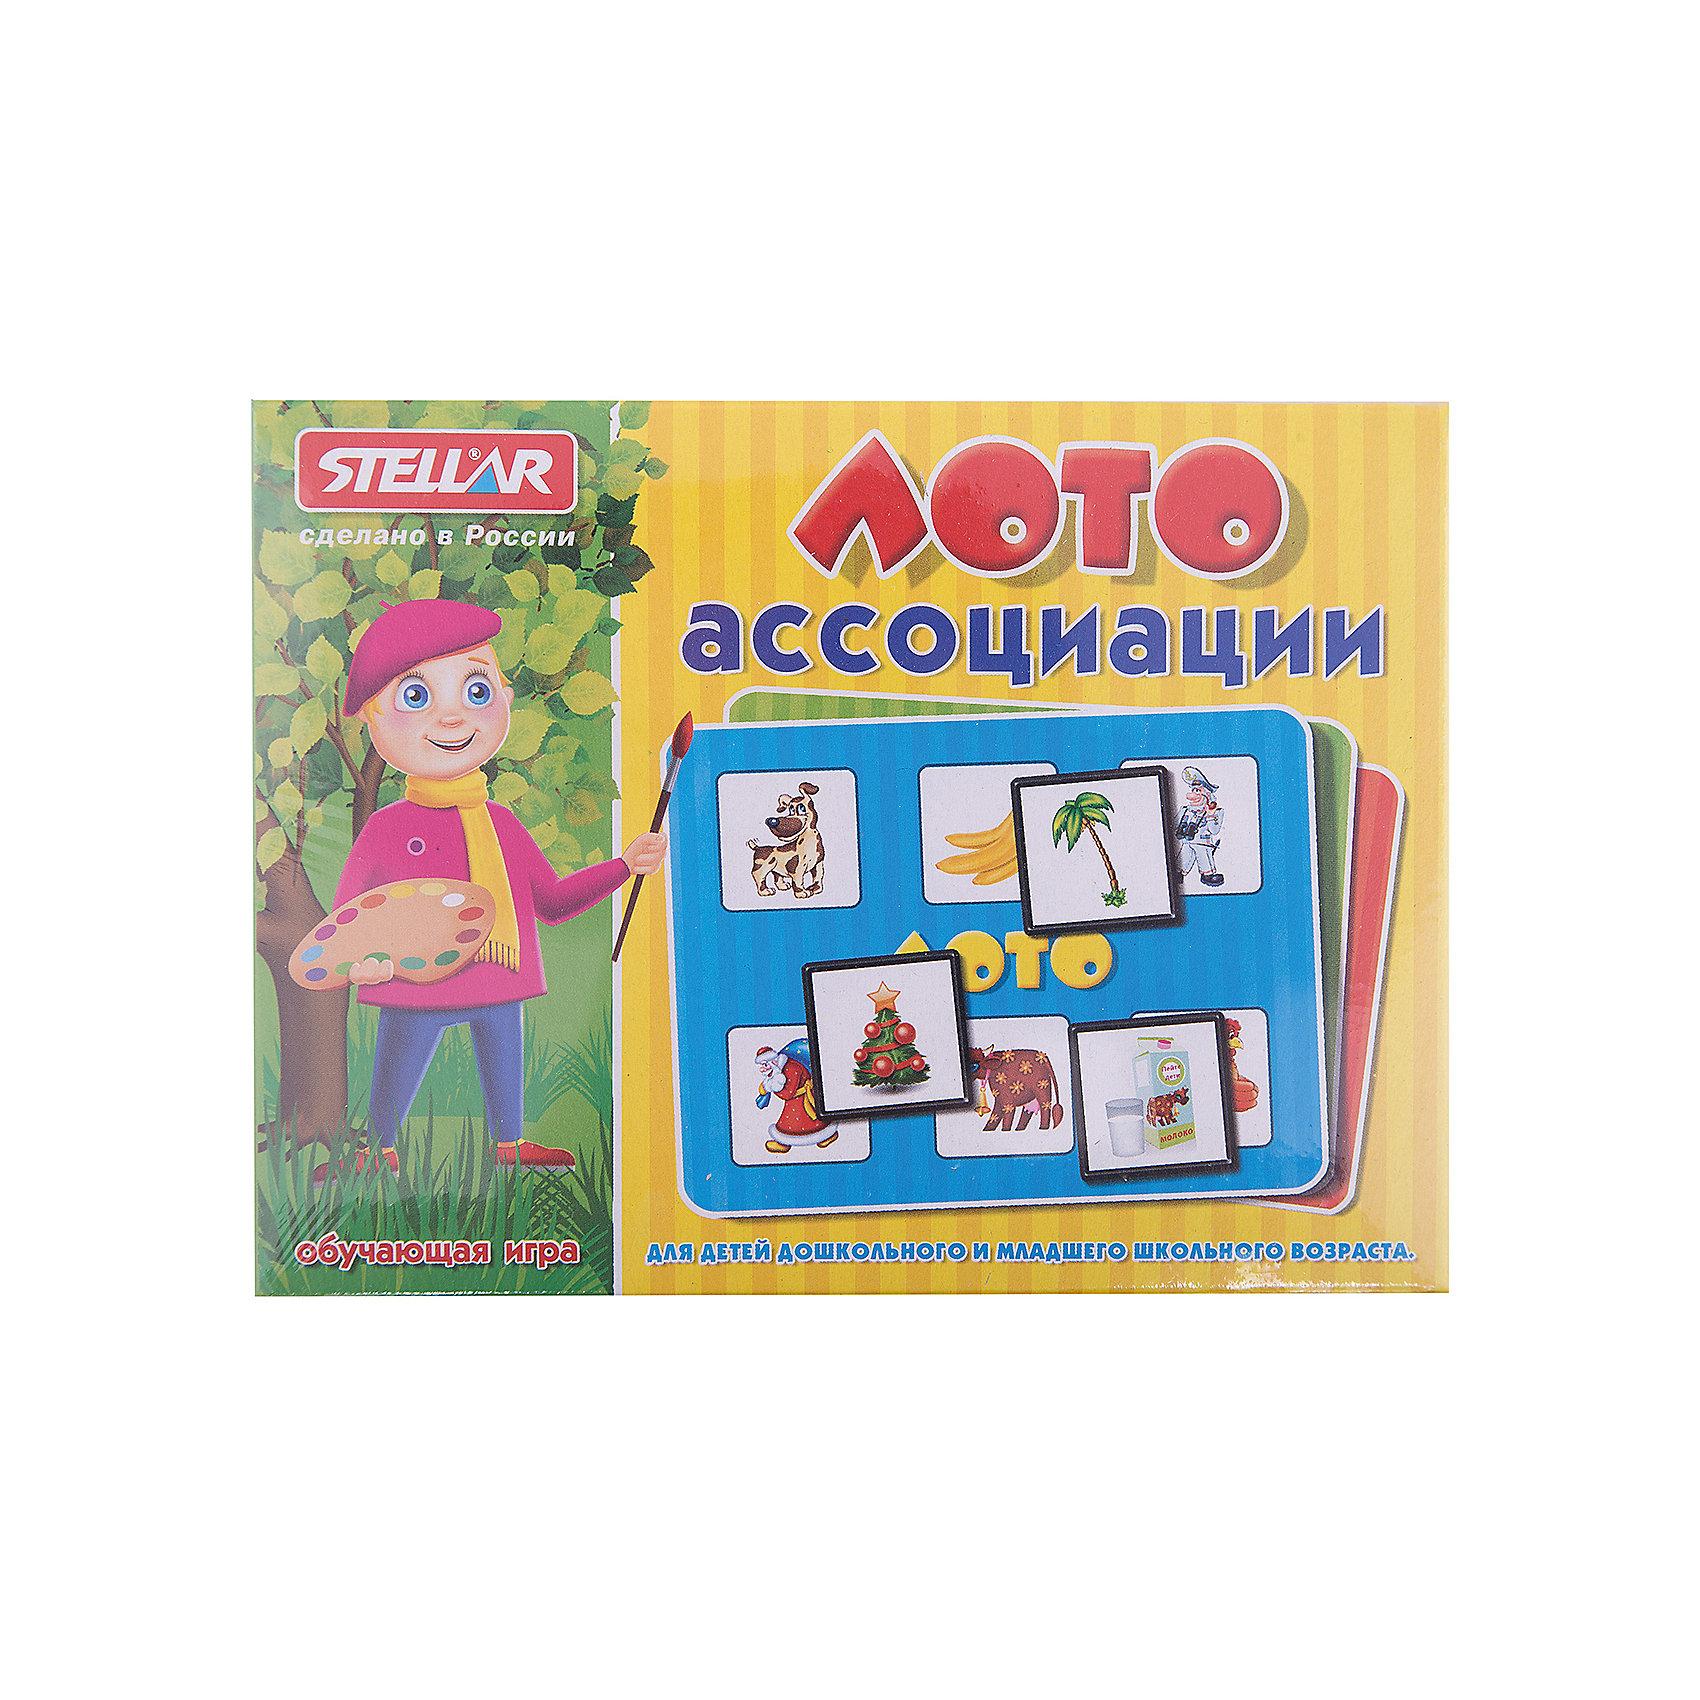 Лото Ассоциации, СтелларКлассическая русская игра Лото Ассоциации от Стеллар (Stellar). В набор входят 4 карточки, 24 фишки и мешочек. Цель игроков - заполнить игровые поля фишками с соответствующими изображениями, основываясь на ассоциативных связях между предметами или объектами.  <br>В игре могут принимать участие до 4 человек. Фишки складываются в мешочек, а игрокам раздаются карточки. Ведущий достает фишки из мешка, а игроки накрывают ими ассоциативные картинки.  Лото не совсем обычное, картинки на карточке и на фишке разные. Например, пальма и бананы, мешок с подарками и дед Мороз, пакет молока и корова. В игре ребенок учится находить ассоциативные связи между рисунком на фишке и картинкой на карточке. Выигрывает тот, кто первым накроет фишками все картинки.<br><br>Игра способствует развитию внимания, зрительной памяти, координации движений и мелкой моторики рук.<br><br>Игра в Лото «Ассоциации» - это прекрасный вариант проведения семейного досуга.<br><br>Дополнительная информация:<br><br>- В комплекте: 4 карточек, 24 фишек, мешочек<br>- Материал: полистирол, бумага<br>- Картонные поля рассчитаны на 6 фишек<br>- Размер поля: 110 х 160 мм<br>- Размер одной фишки: 40 х 40 мм<br>- Размер упаковки: 165 х 125 х 40 мм<br>- Вес: 154 г.<br><br>Лото Ассоциации от Стеллар (Stellar) можно купить в нашем интернет-магазине.<br><br>Ширина мм: 165<br>Глубина мм: 125<br>Высота мм: 40<br>Вес г: 154<br>Возраст от месяцев: 36<br>Возраст до месяцев: 1188<br>Пол: Унисекс<br>Возраст: Детский<br>SKU: 2407071